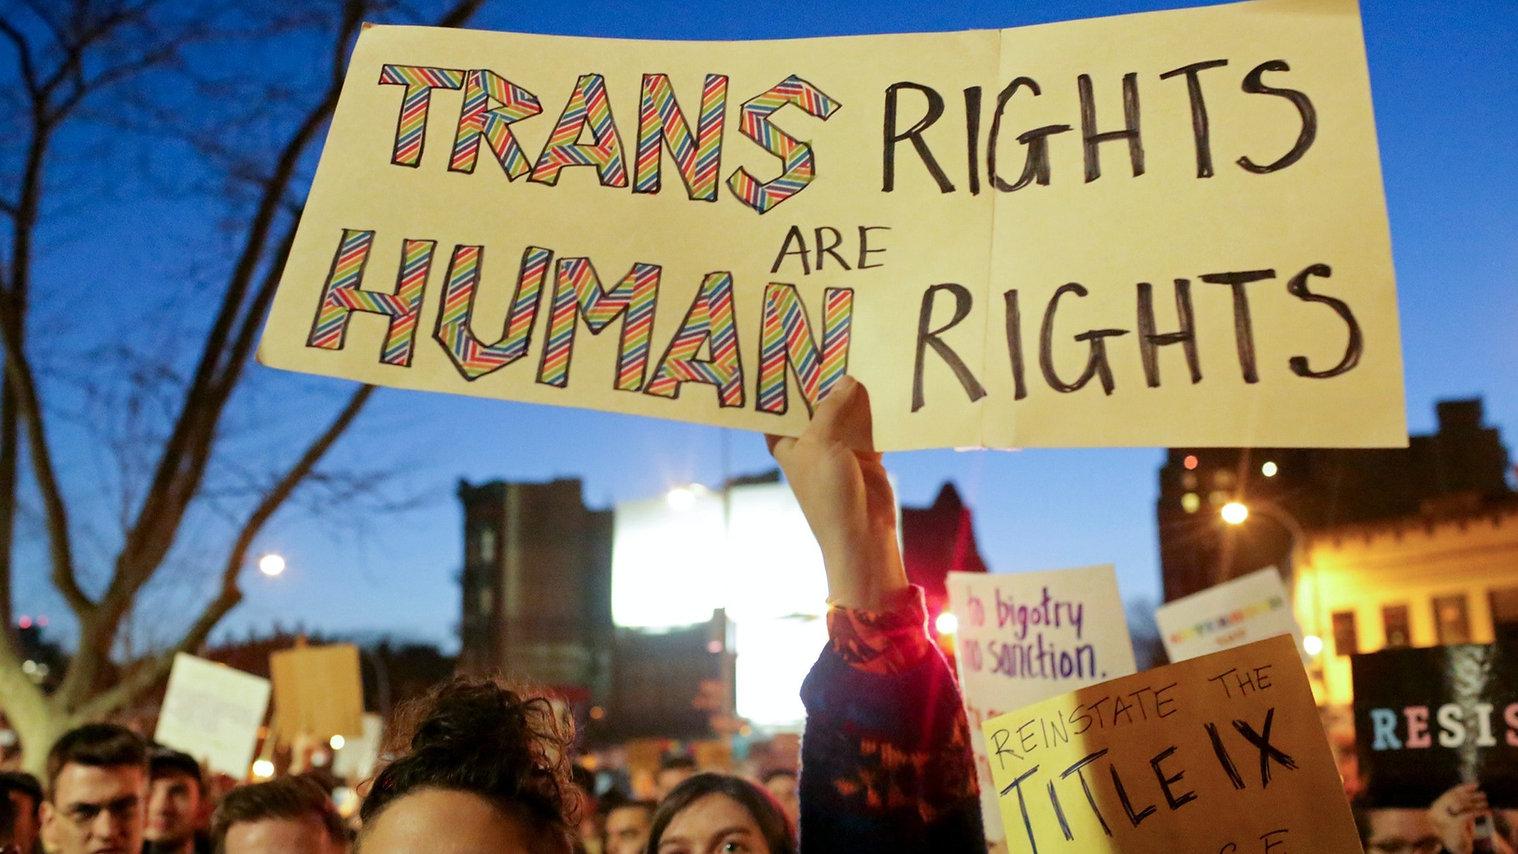 20181113-paskova-ny-transgender-3000_edi